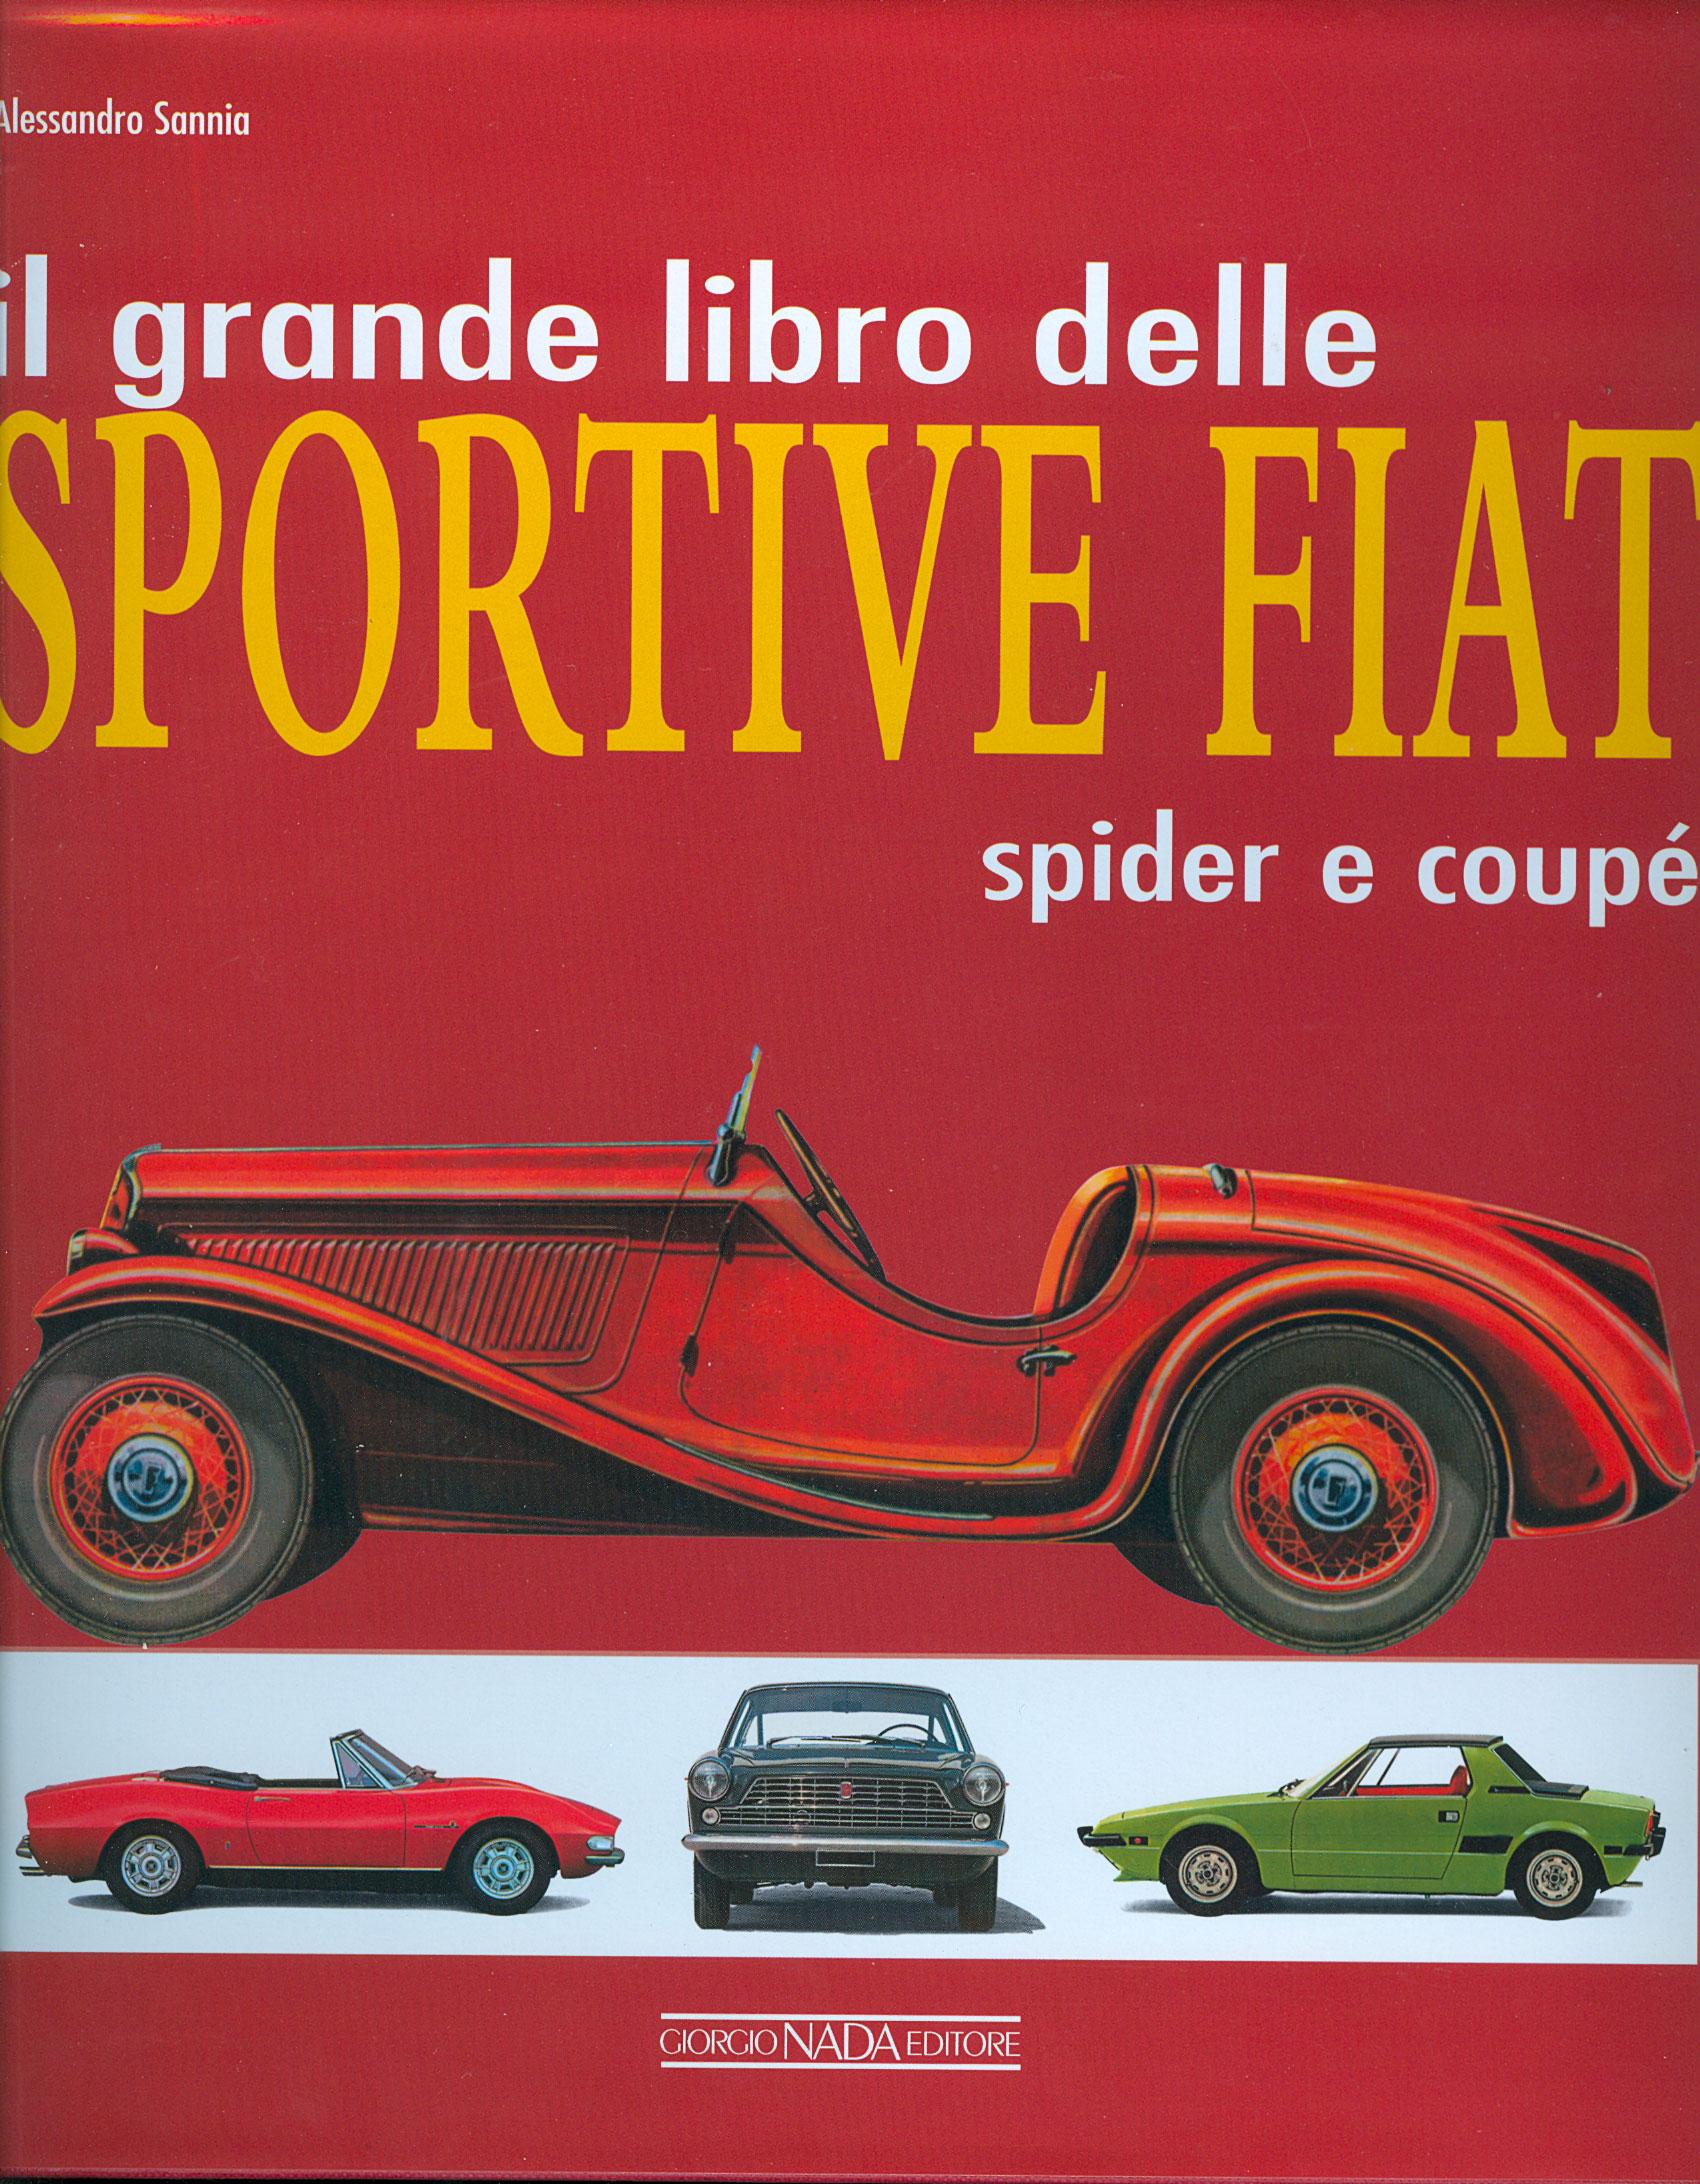 Il grande libro delle sportive Fiat. Spider e coupé